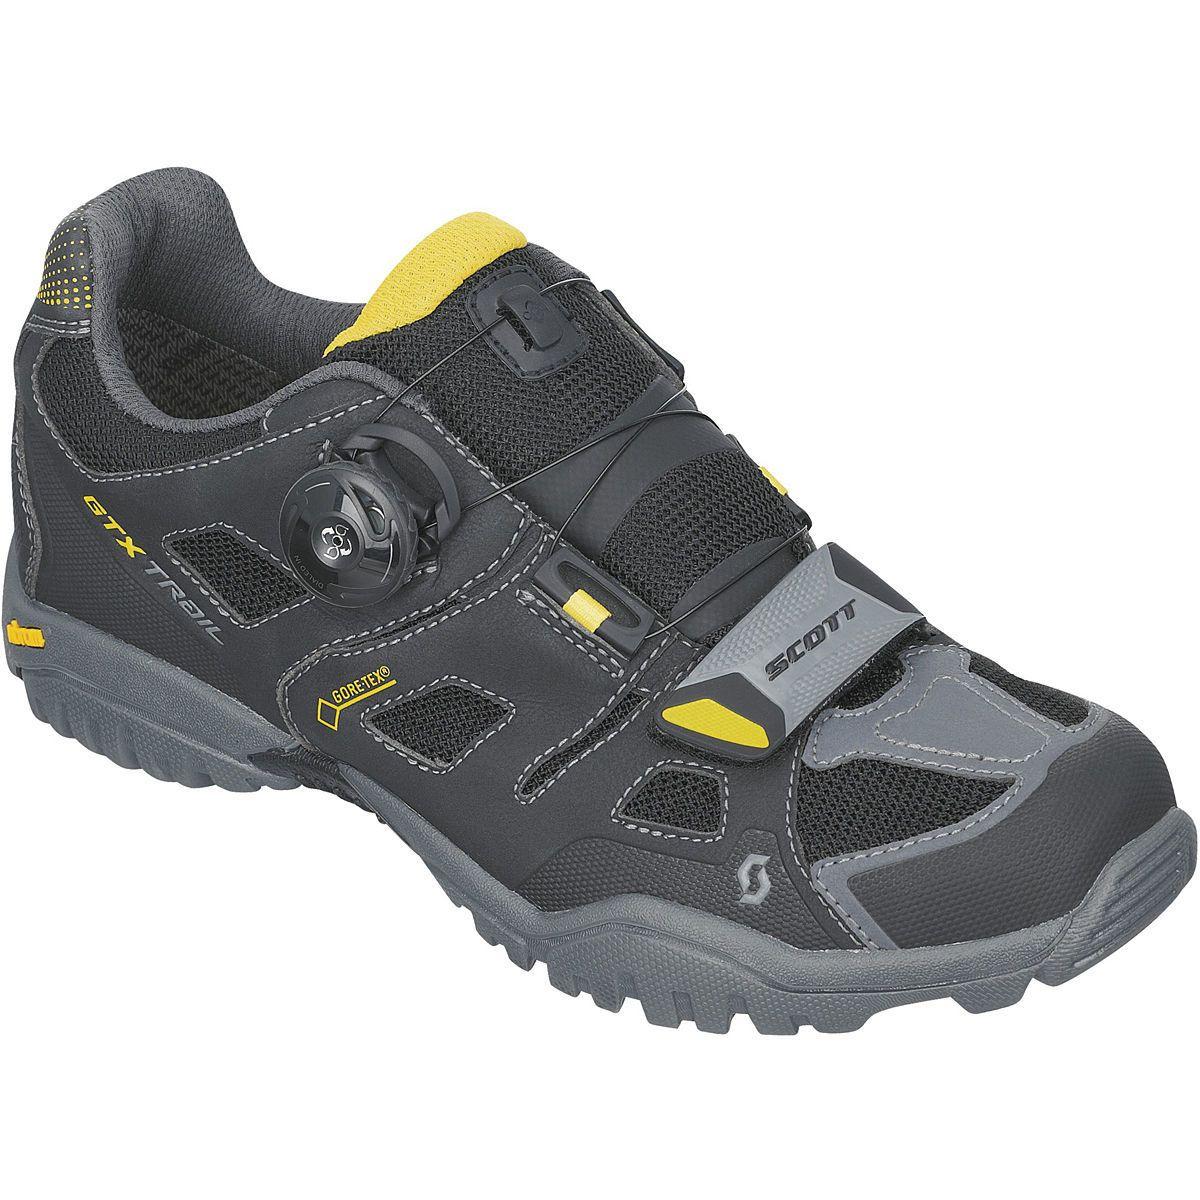 Scott Herren GORE-TEX® MTB-Schuh Trail Evo, schwarz Größe 46